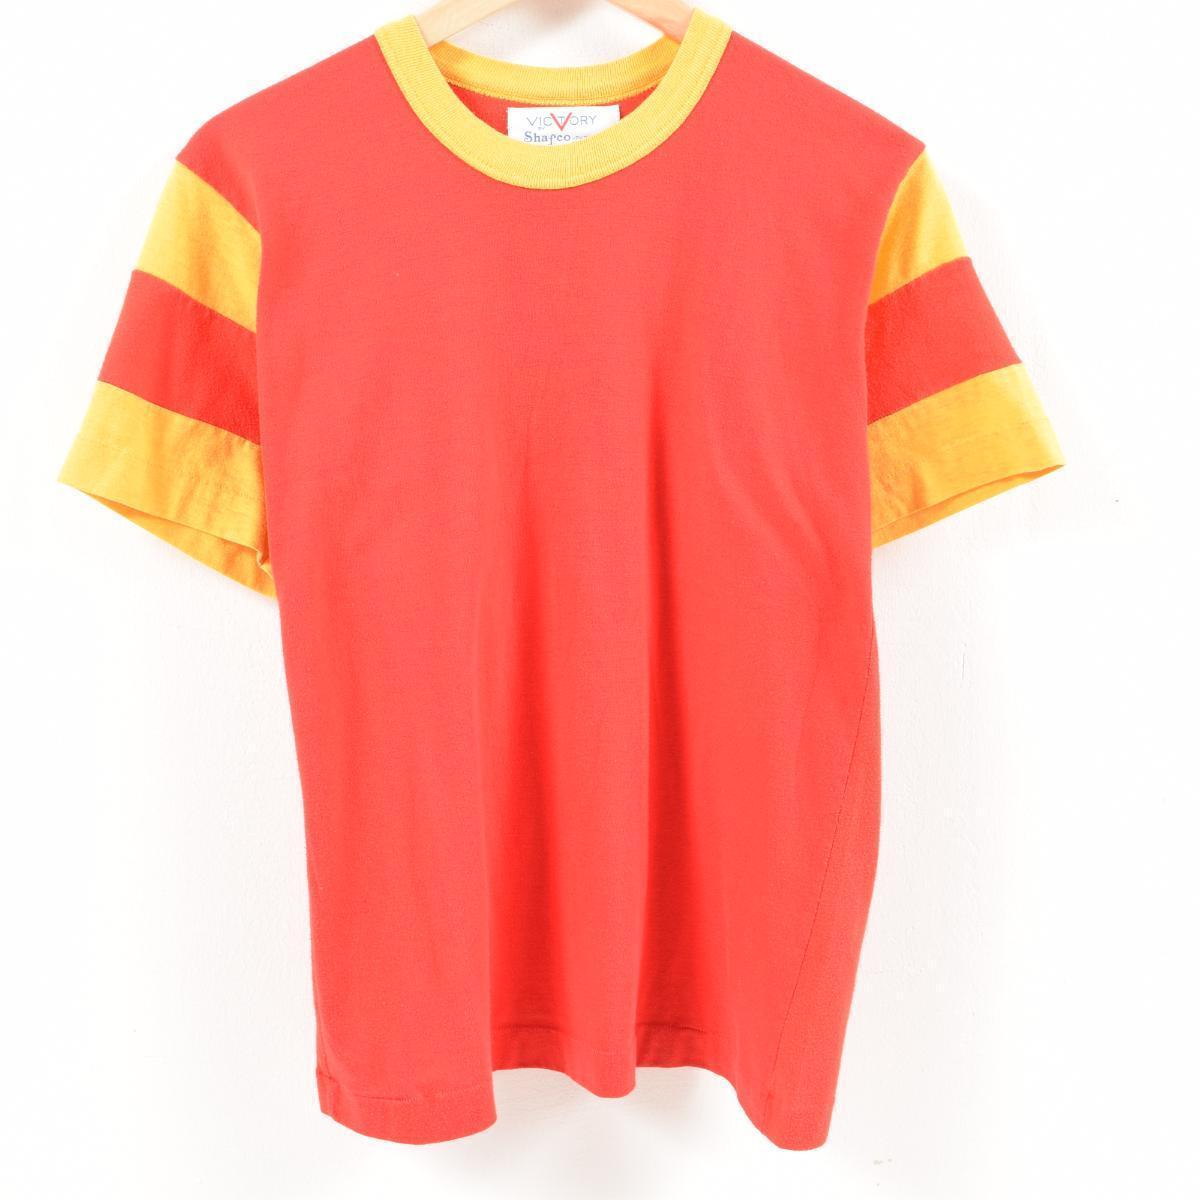 ~80年代 VICTORY BY SHAFCO PHOENIX 袖切替 無地Tシャツ レディースM ヴィンテージ /was7083 【中古】【古着屋JAM】 【180612】